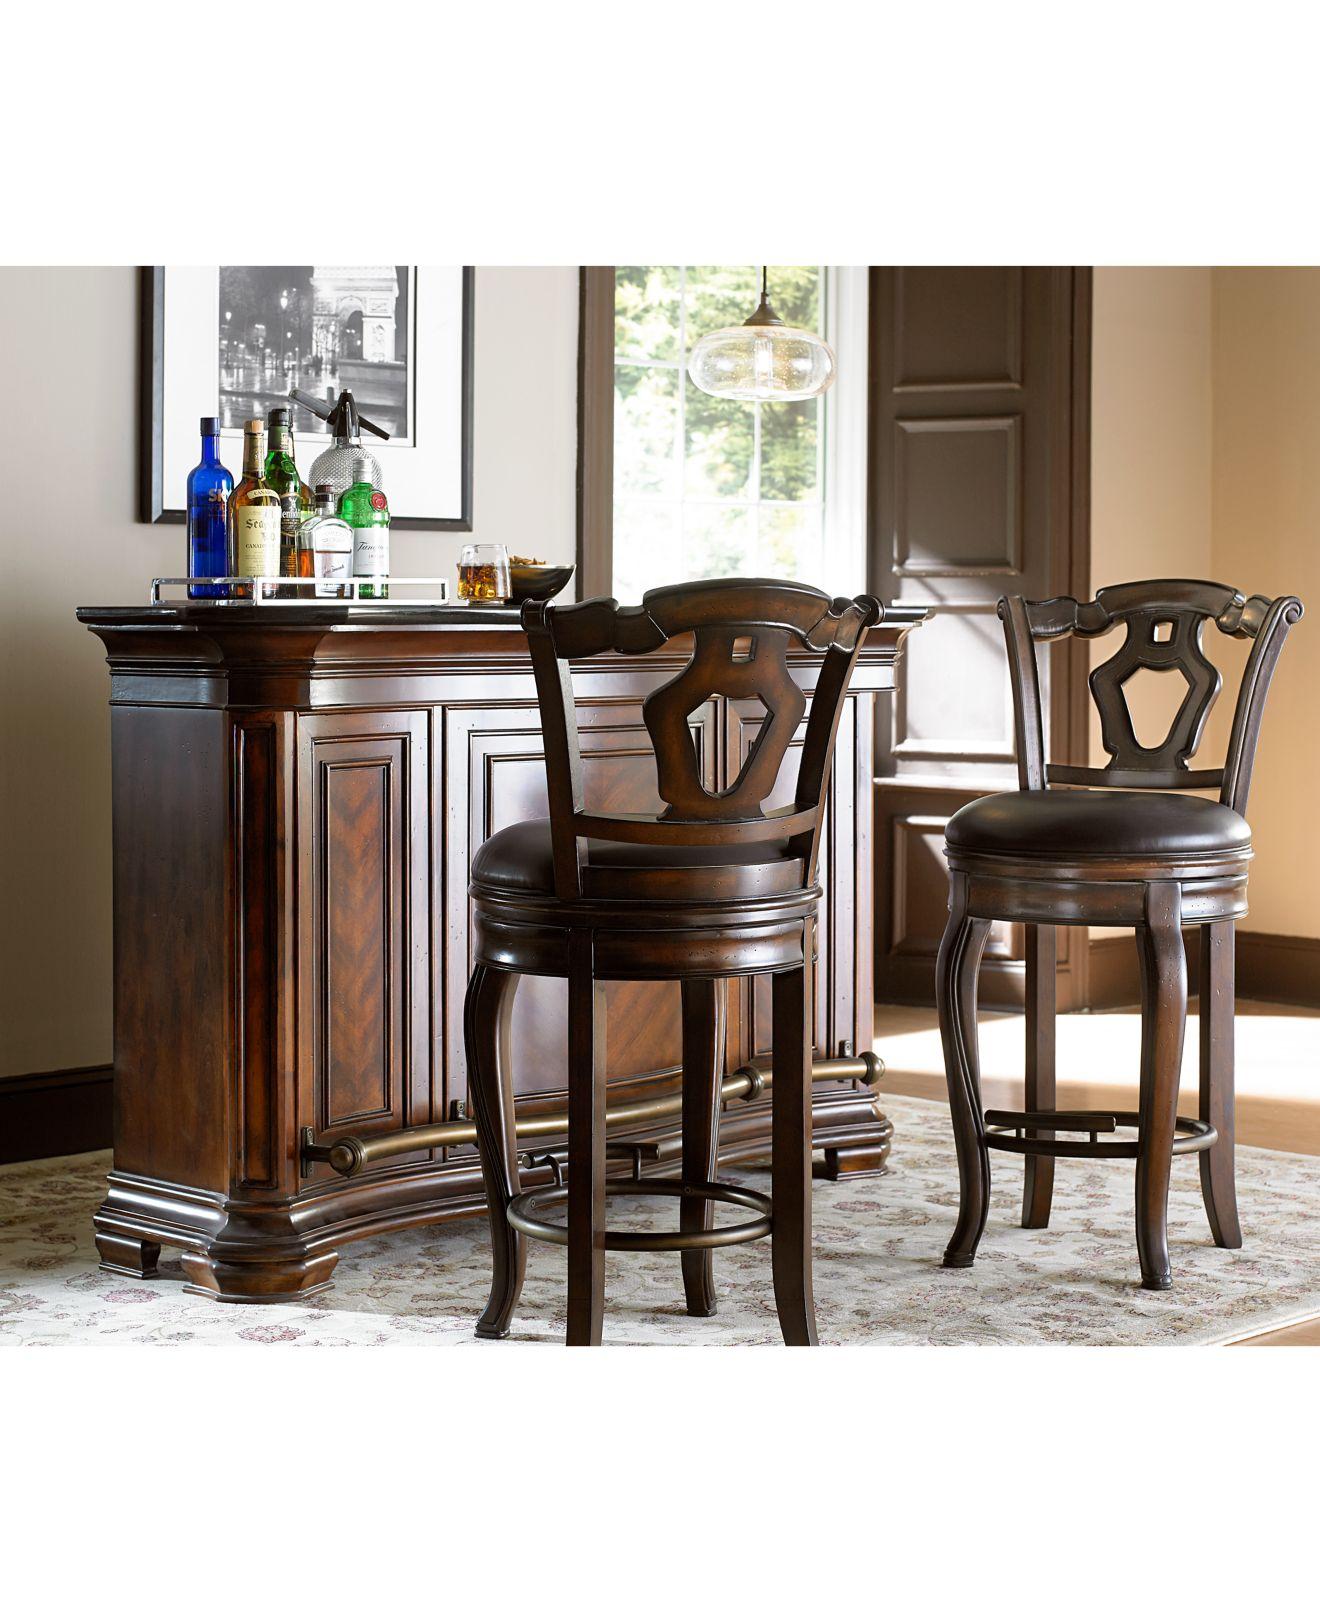 Home Bar Furniture Macy s